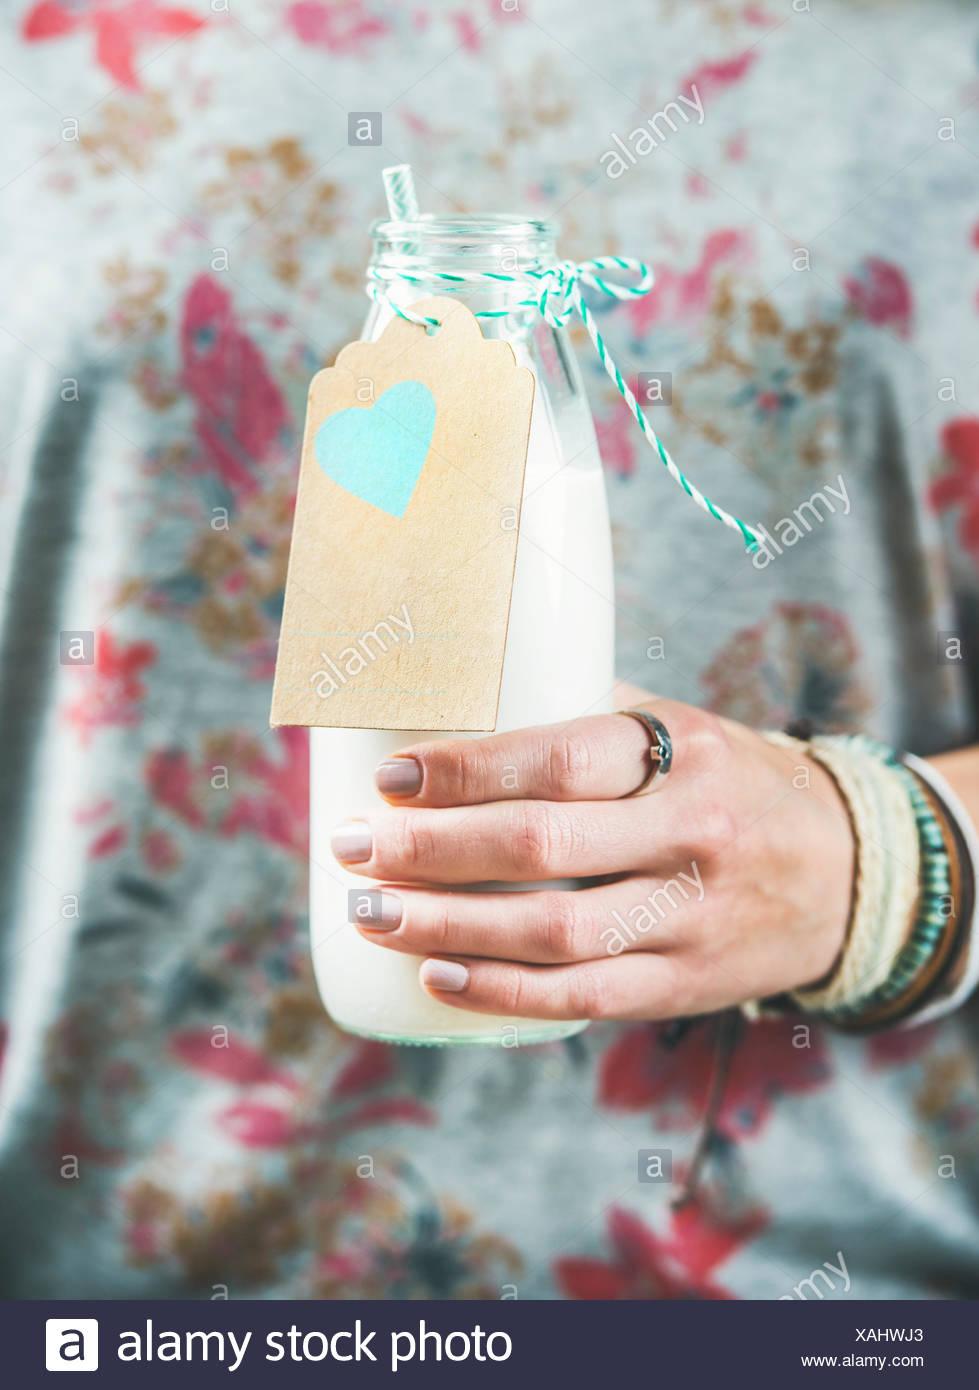 Junge Frau in graues T-shirt mit Blumenmuster Flasche milchfreien Mandelmilch in der Hand halten. Sauber, Essen, Vegan, vegetarisch, Diät, Gesundheit Stockbild